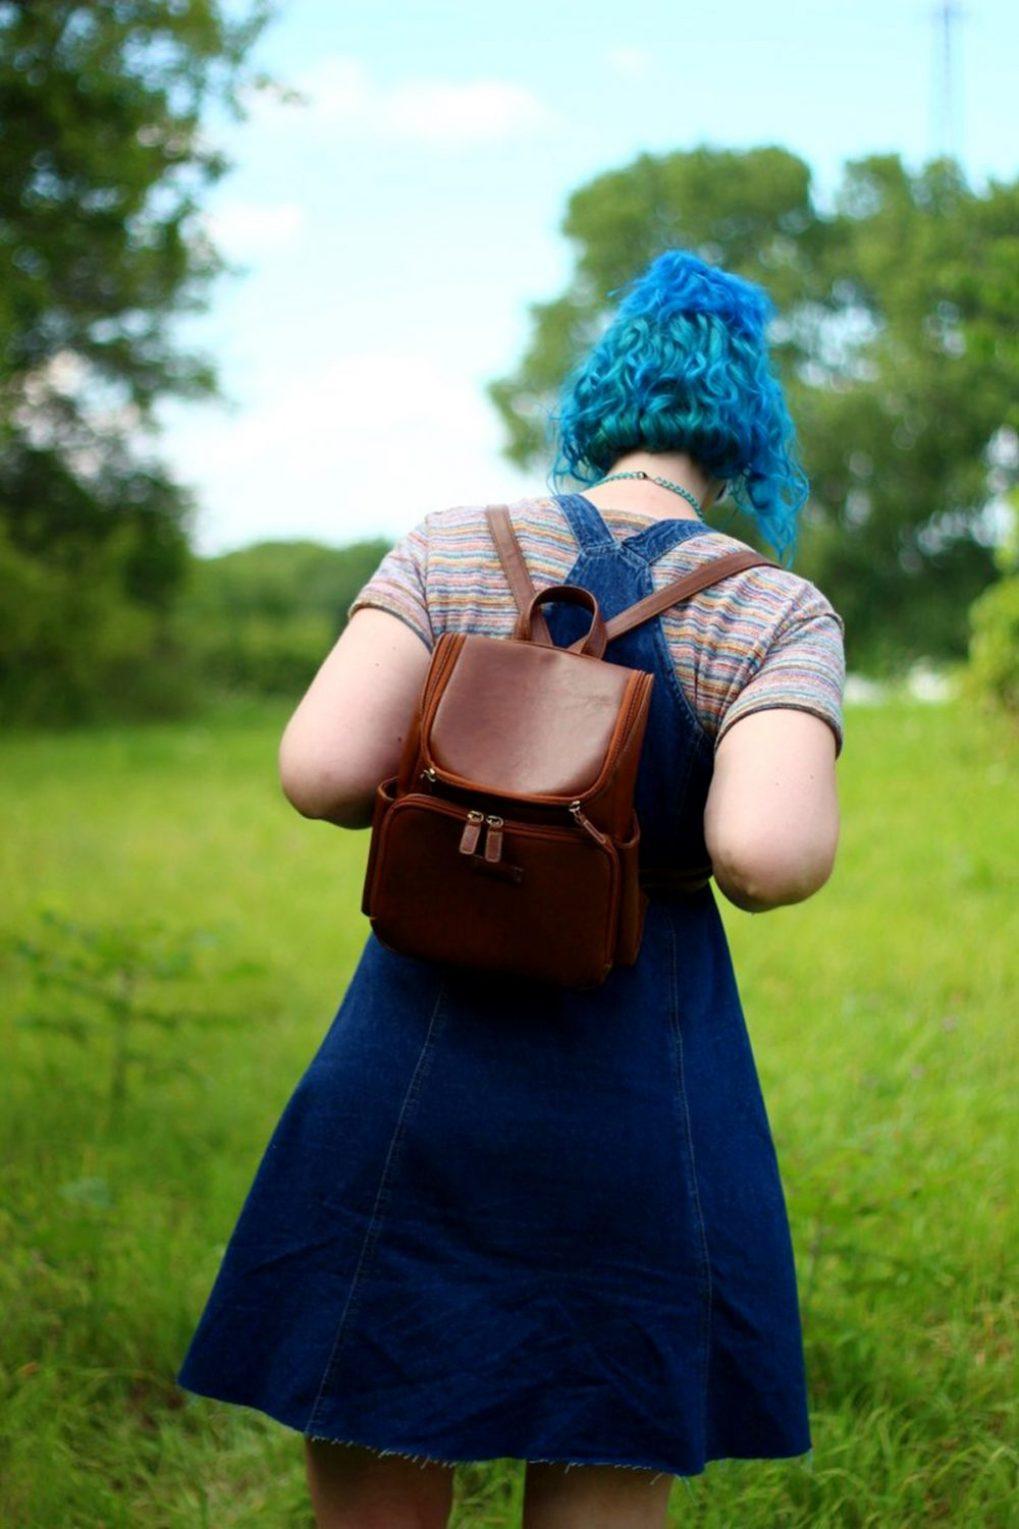 rainbow-crop-top-denim-jumper-blue-hair-outfit-07